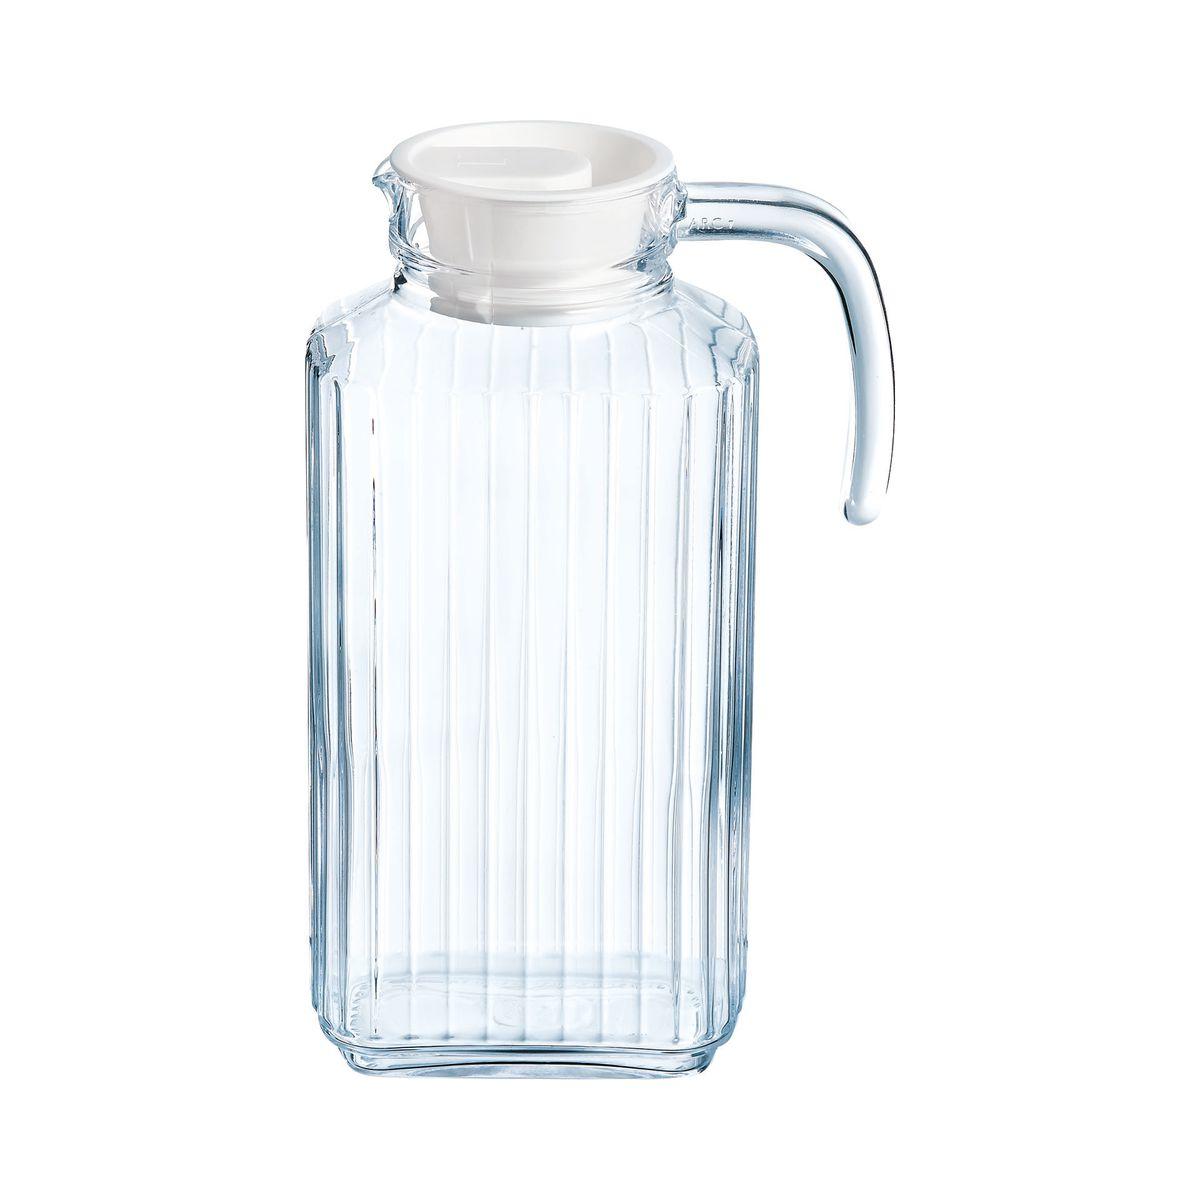 Broc en verre avec bec verseur et poignée 1,7L